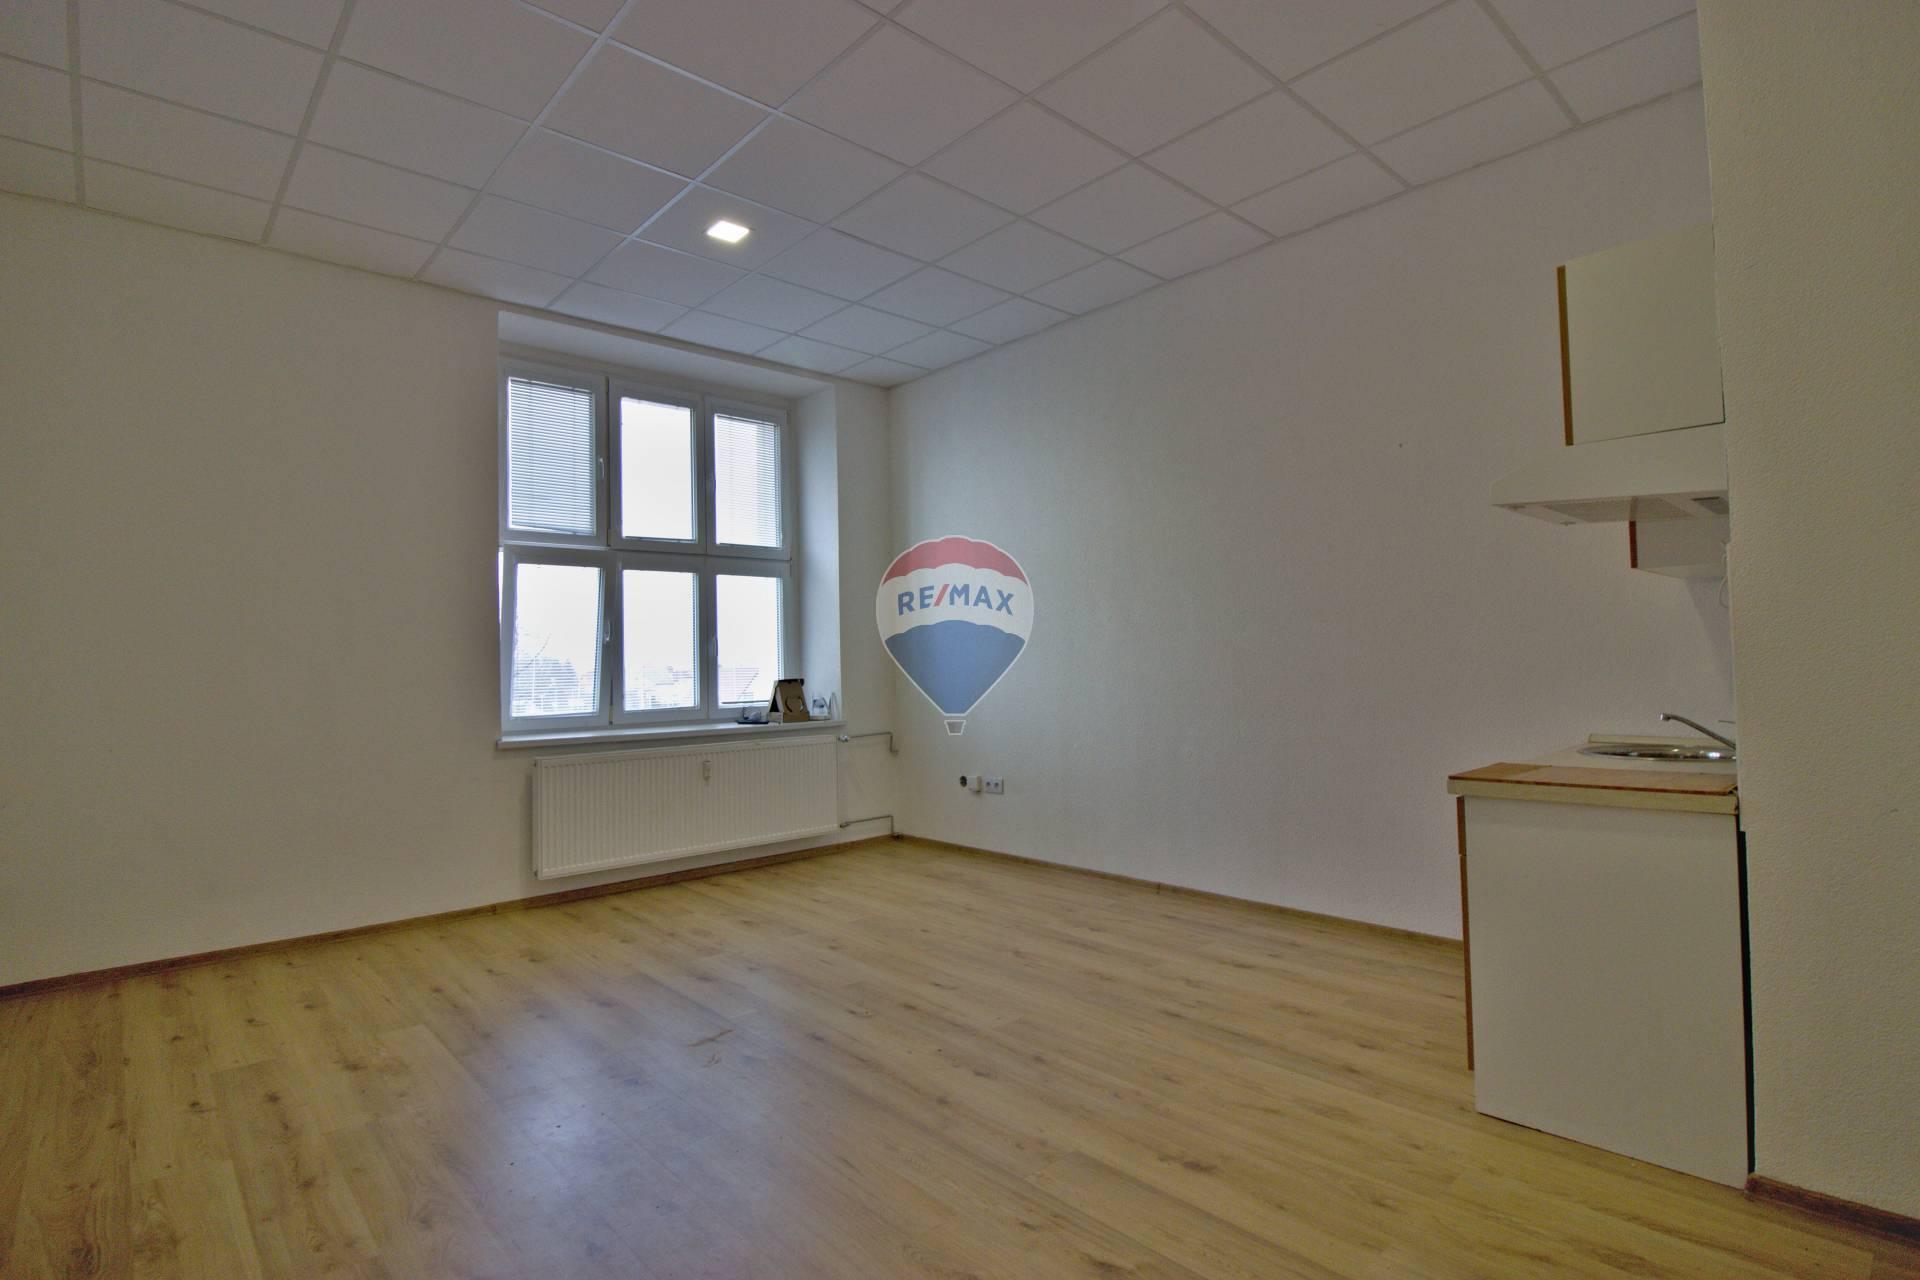 Prenájom 1-izbového bytu č.3.4-rozloha 30.41m2, Nové Mesto nad Váhom